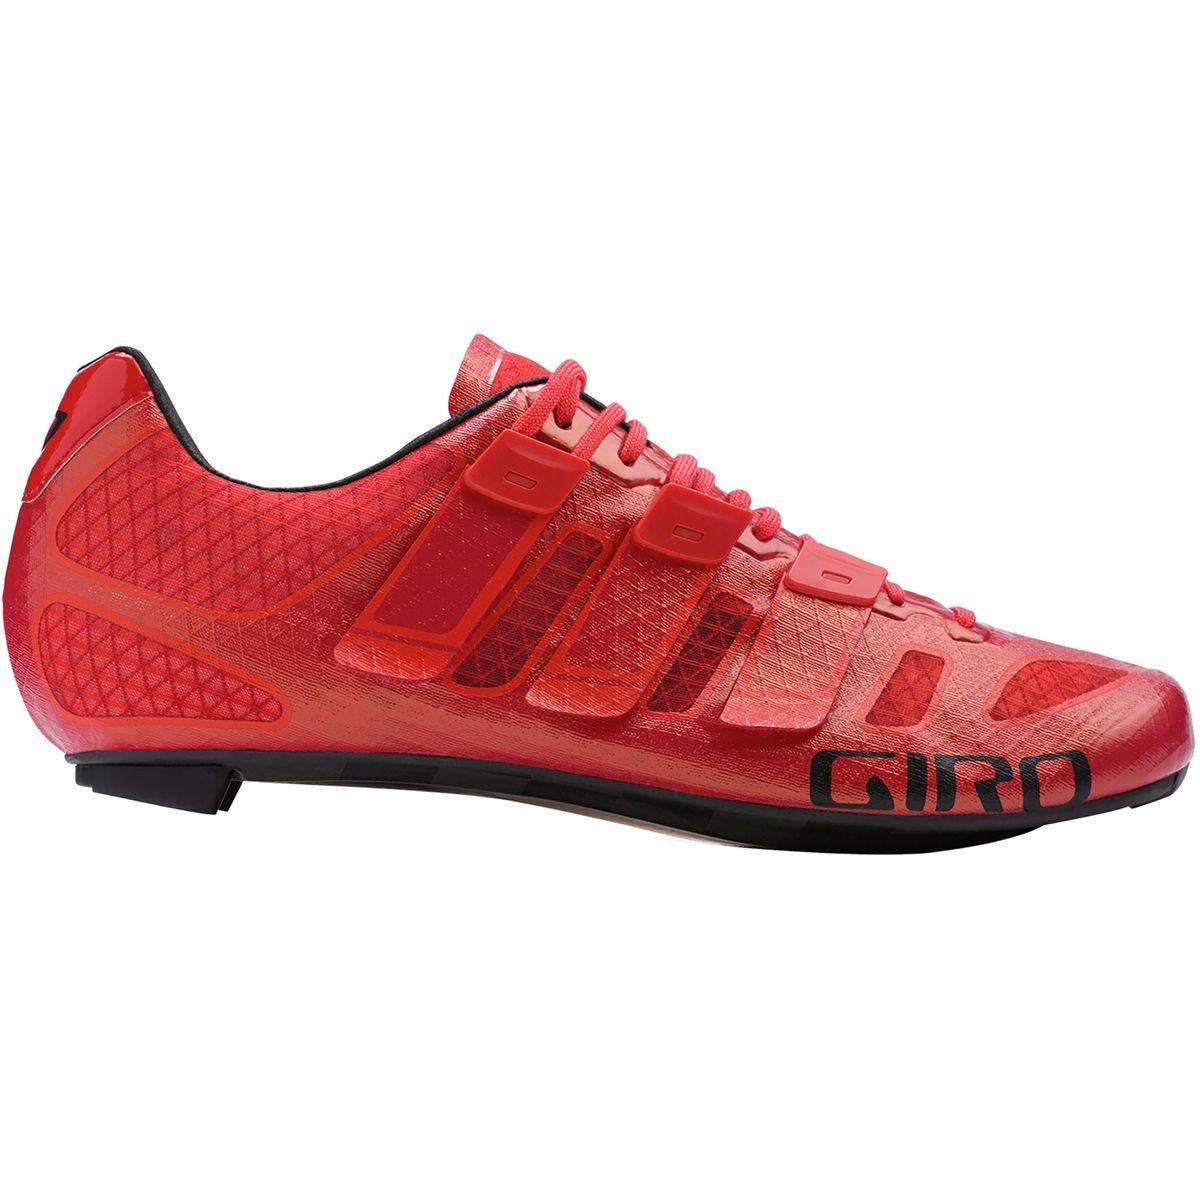 [ジロ] メンズ サイクリング Prolight Techlace Shoes [並行輸入品] B07FNBYT7J 43.5